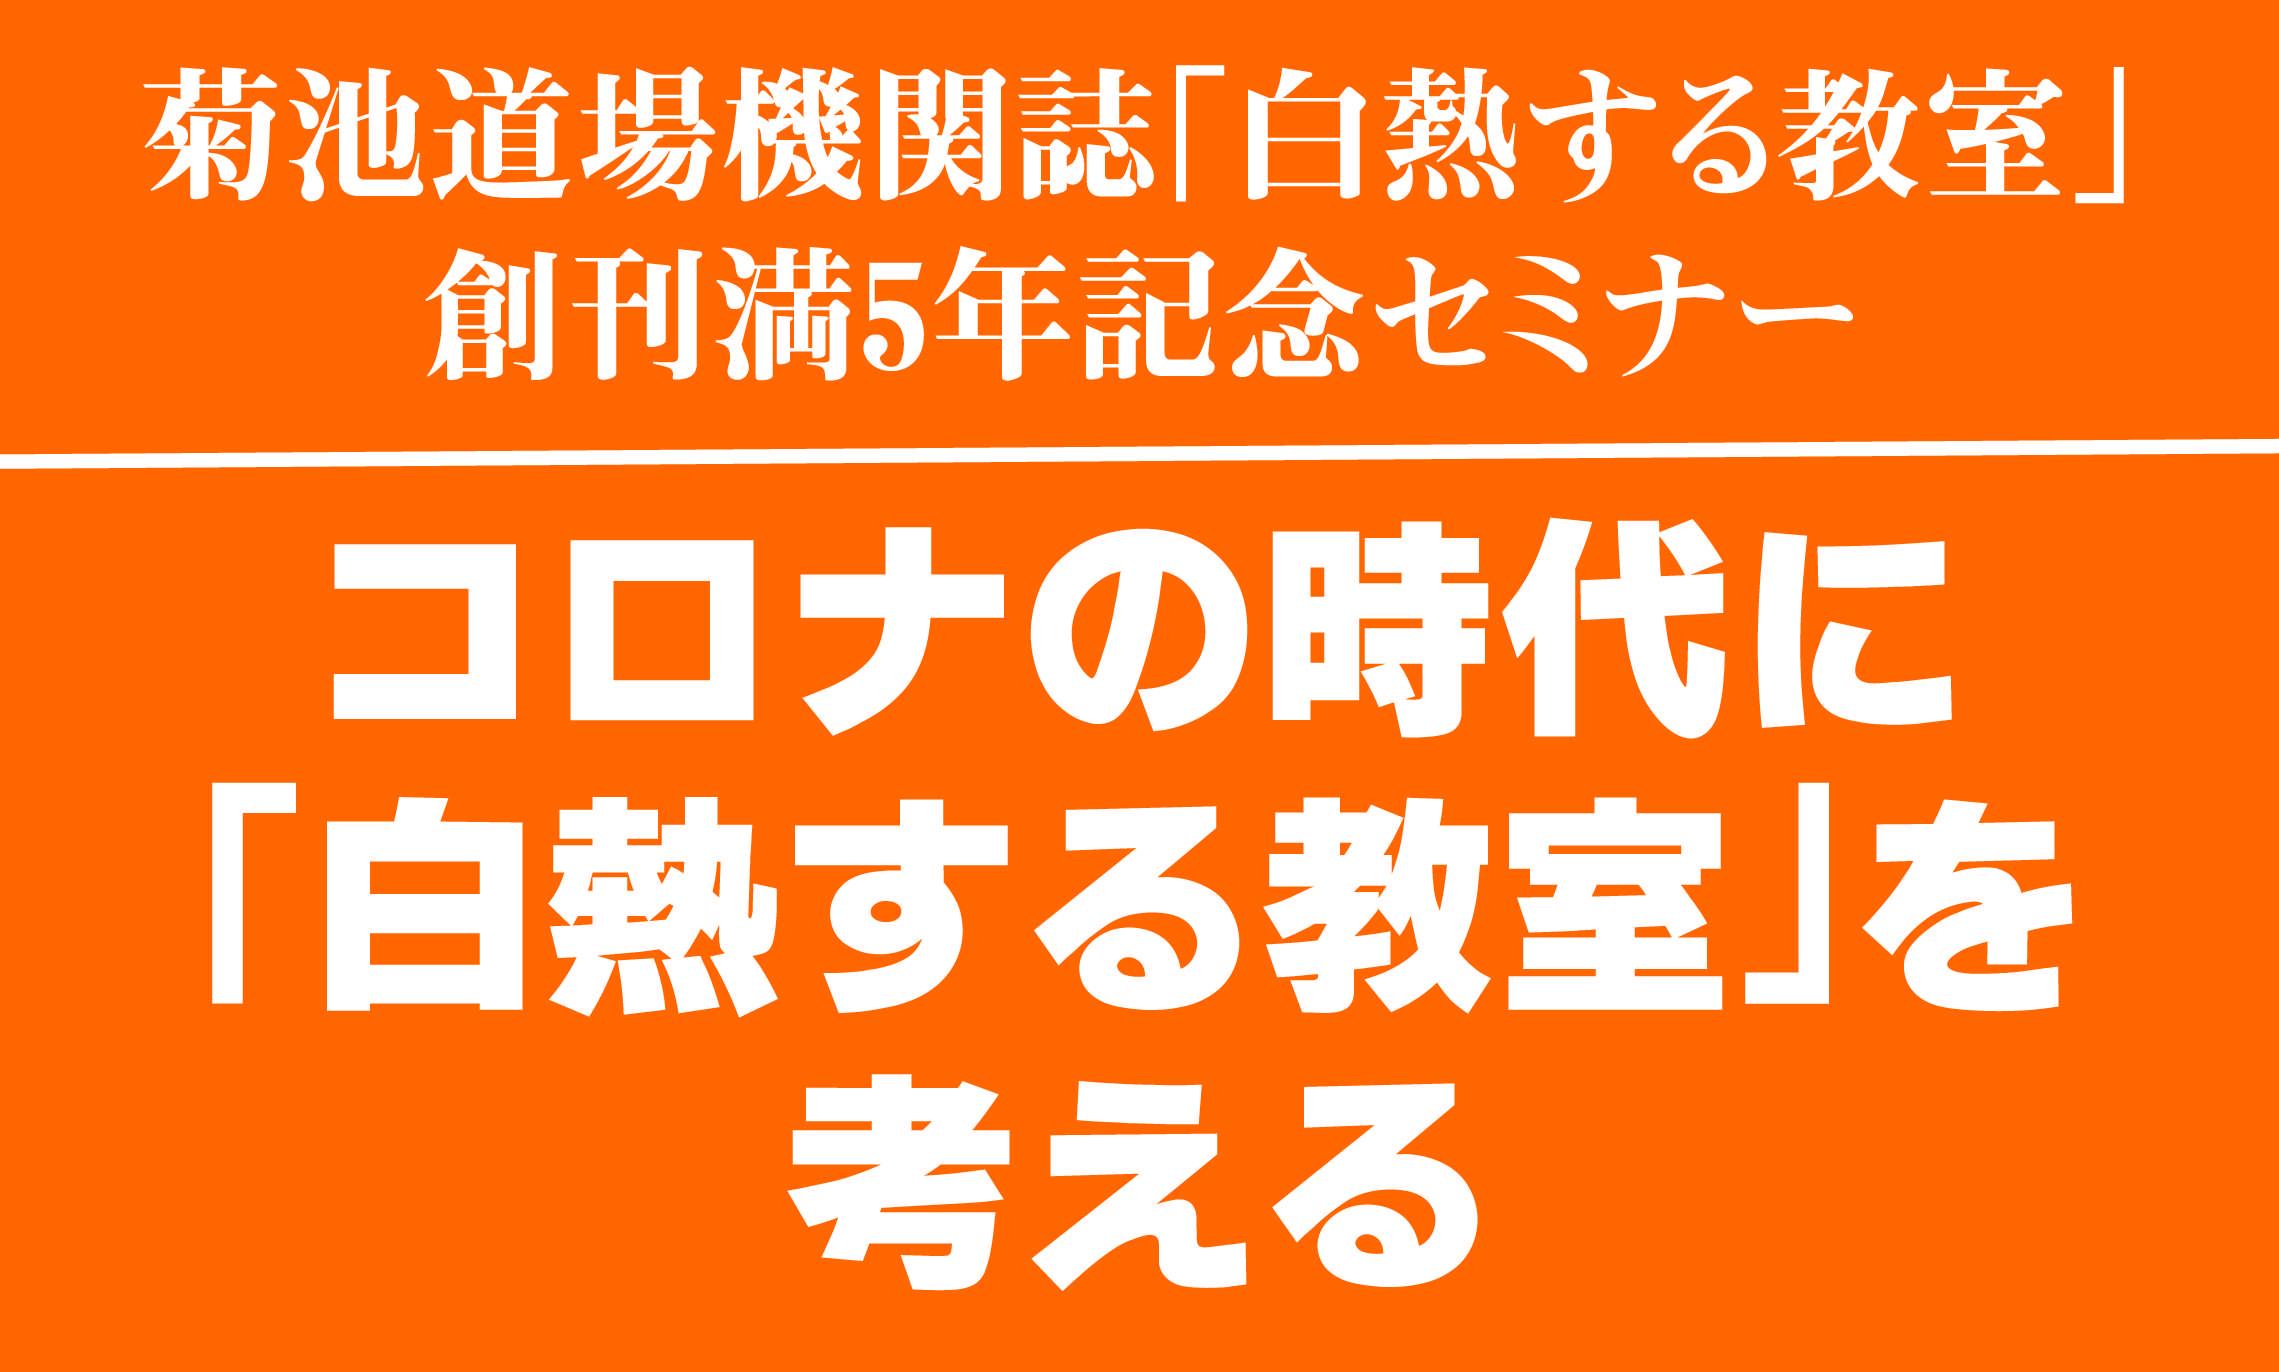 2020.9.5 菊池道場機関誌『白熱する教室』 創刊満5 年記念セミナー